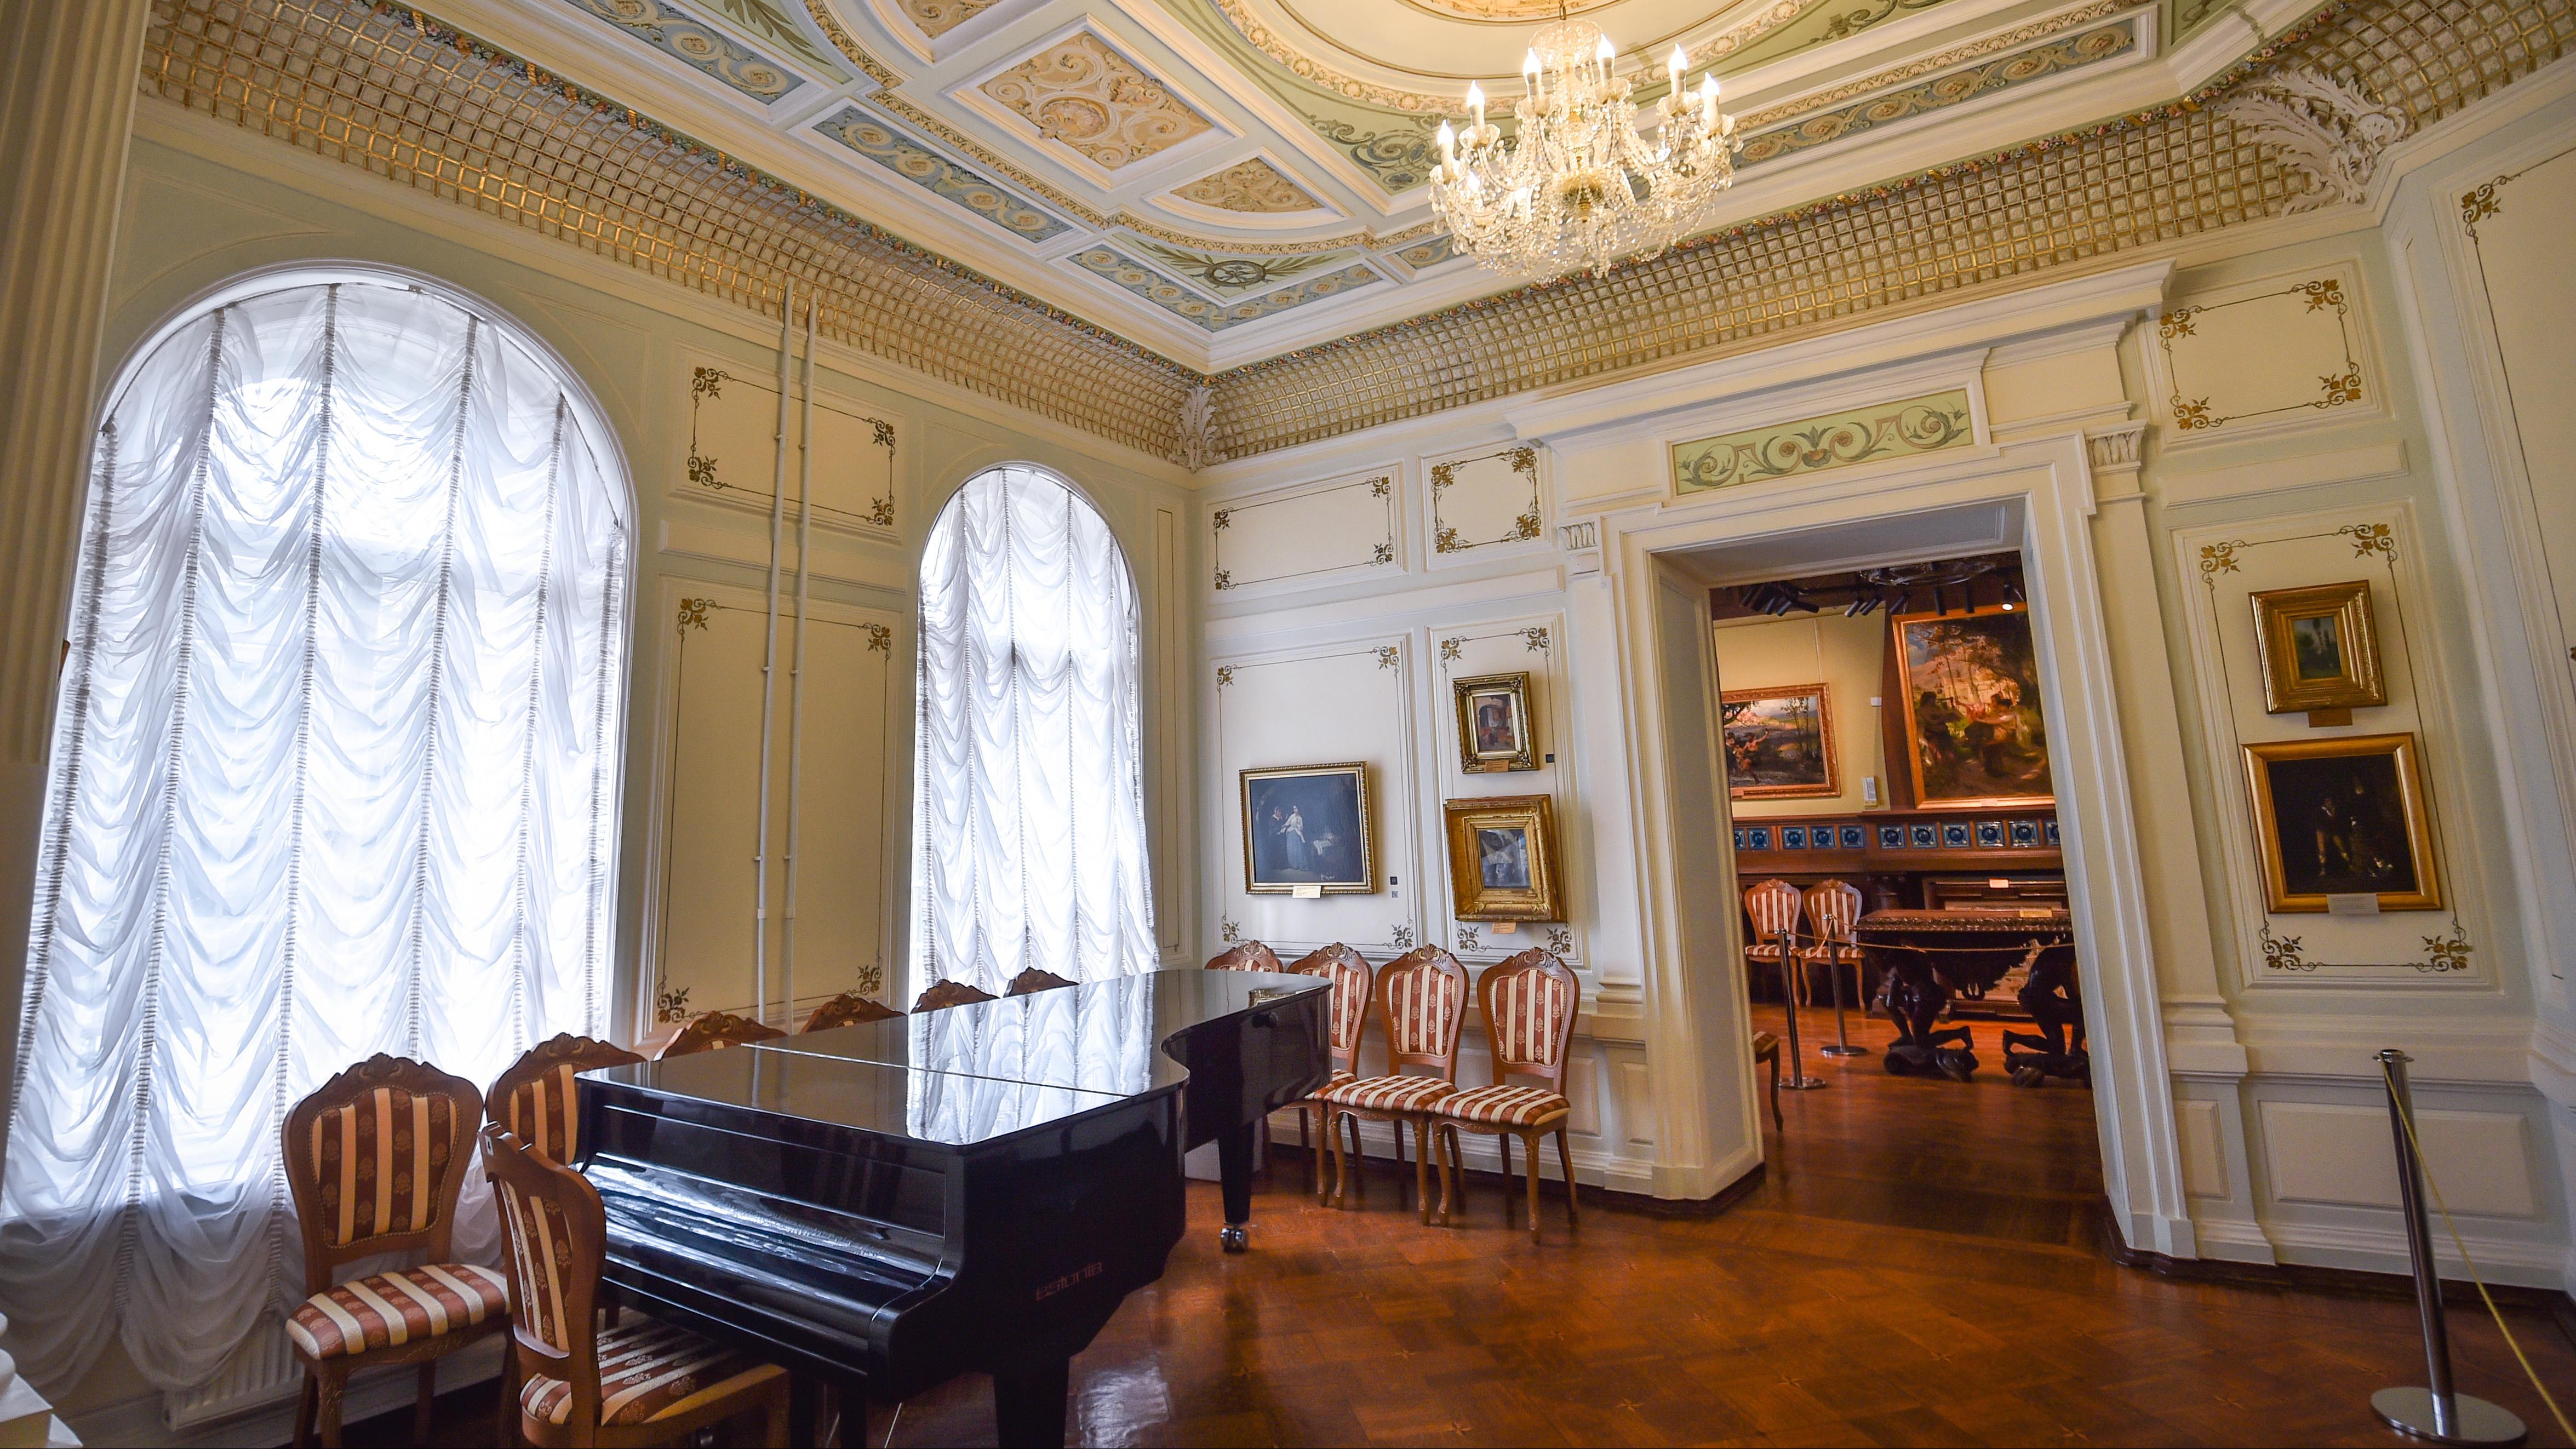 Отреставрированную картину Бурлюка «Шаман» впервые представят на выставке в Серпухове